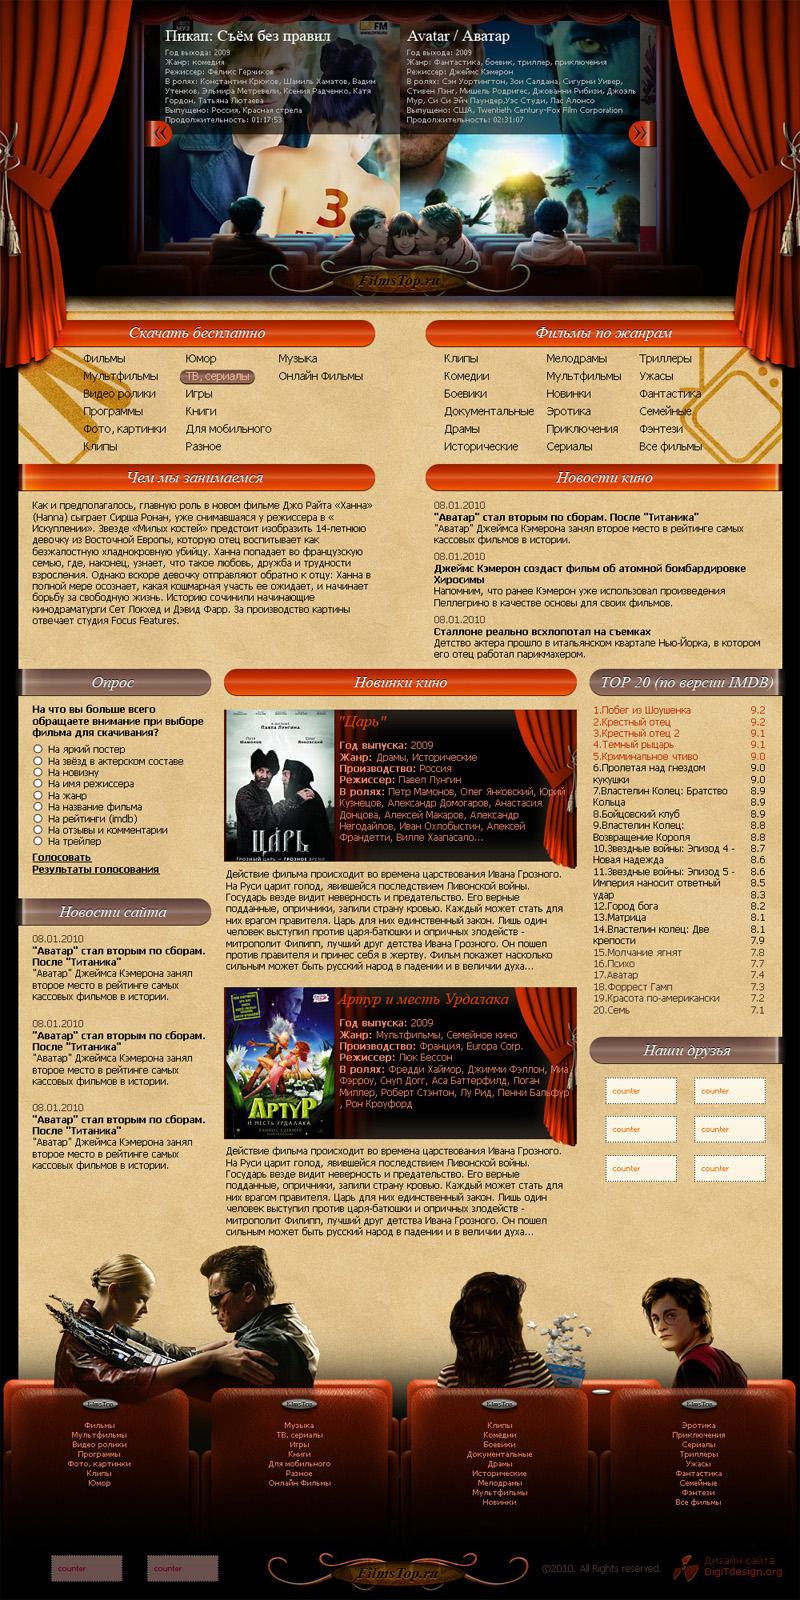 DigiTdesign.org — Мир кино [продаётся 60 вмз]